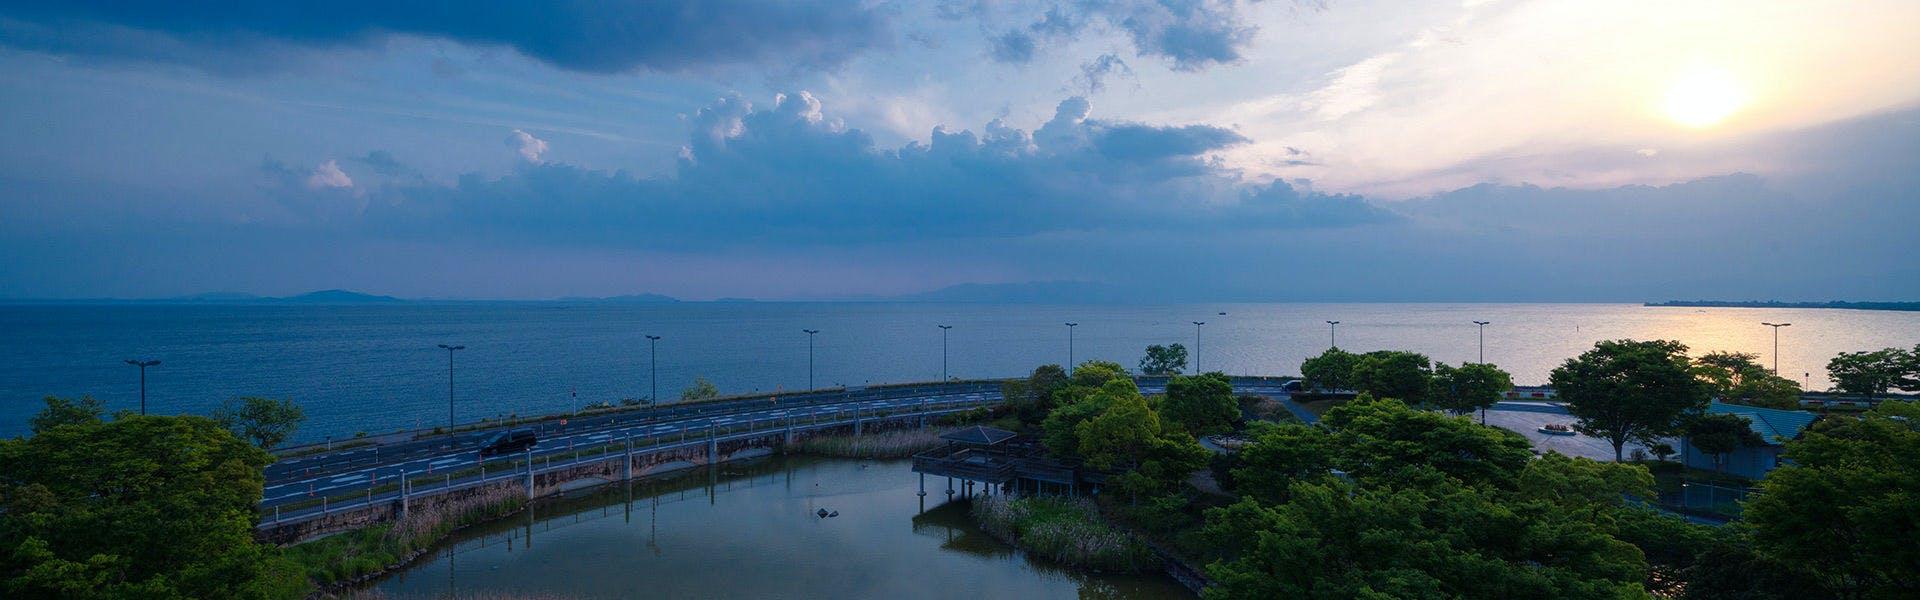 記念日におすすめのホテル・レジーナリゾートびわ湖長浜の写真1